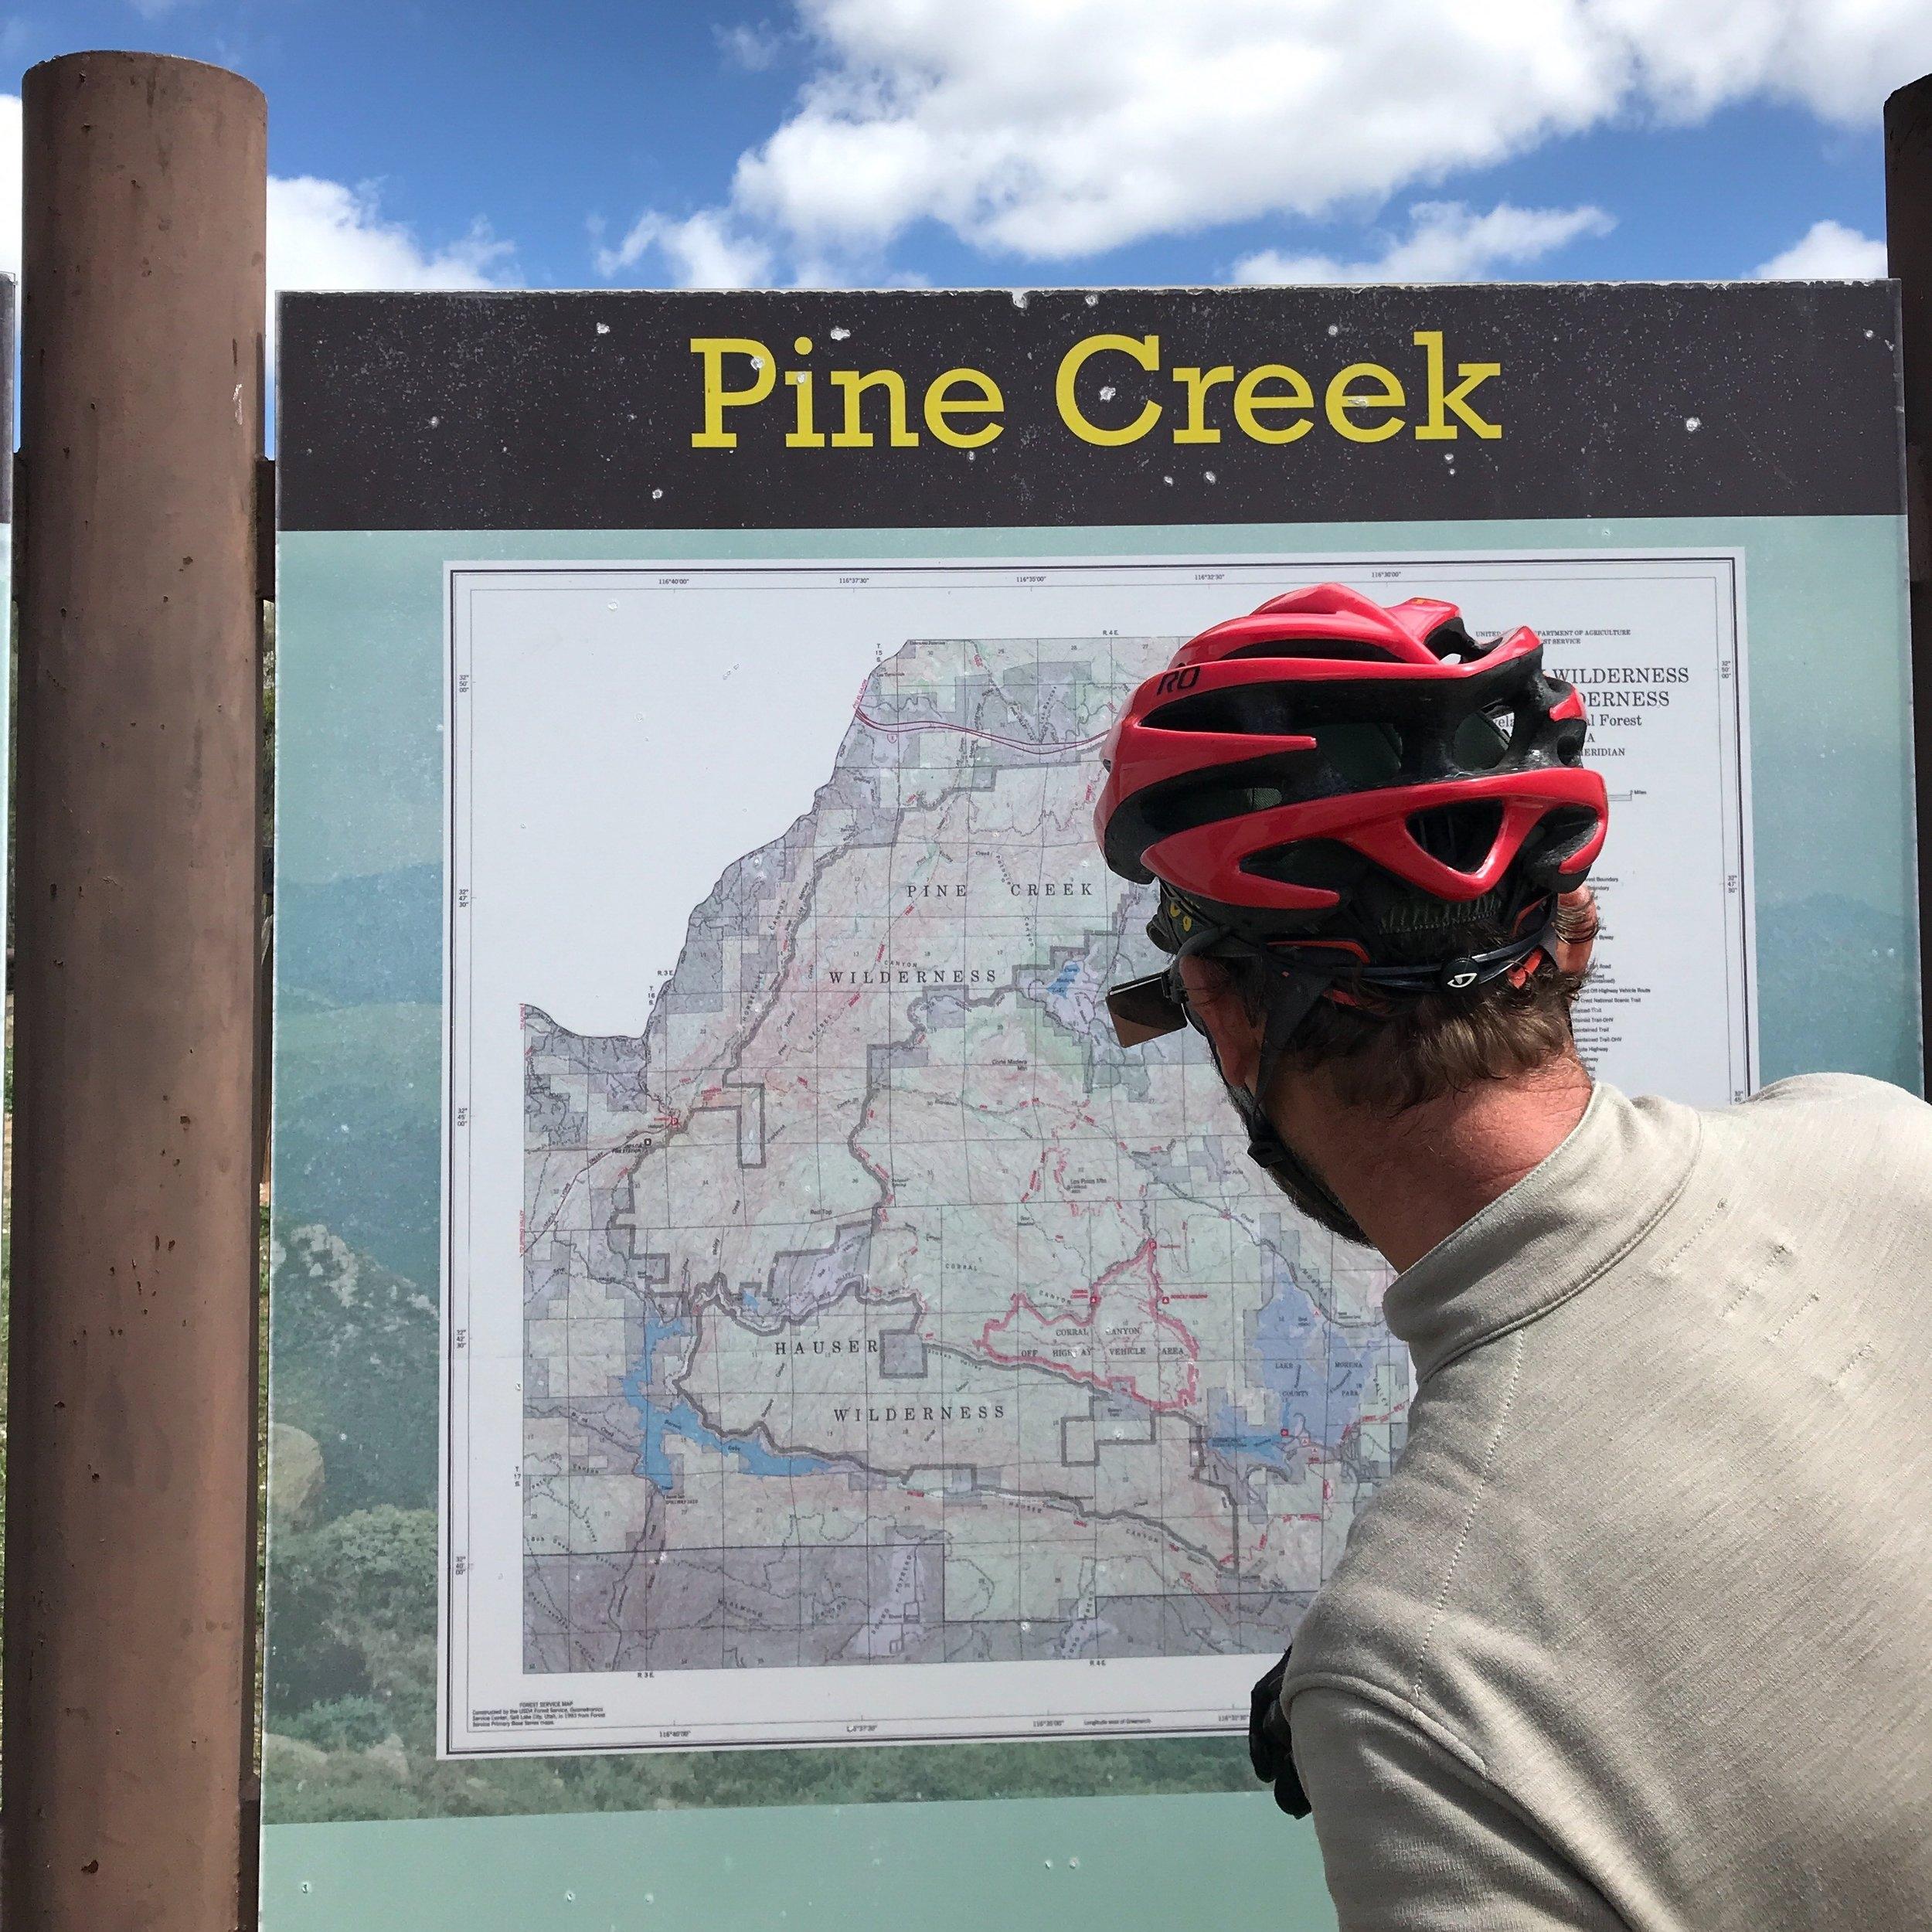 pine creek map_gravelstoke.JPG